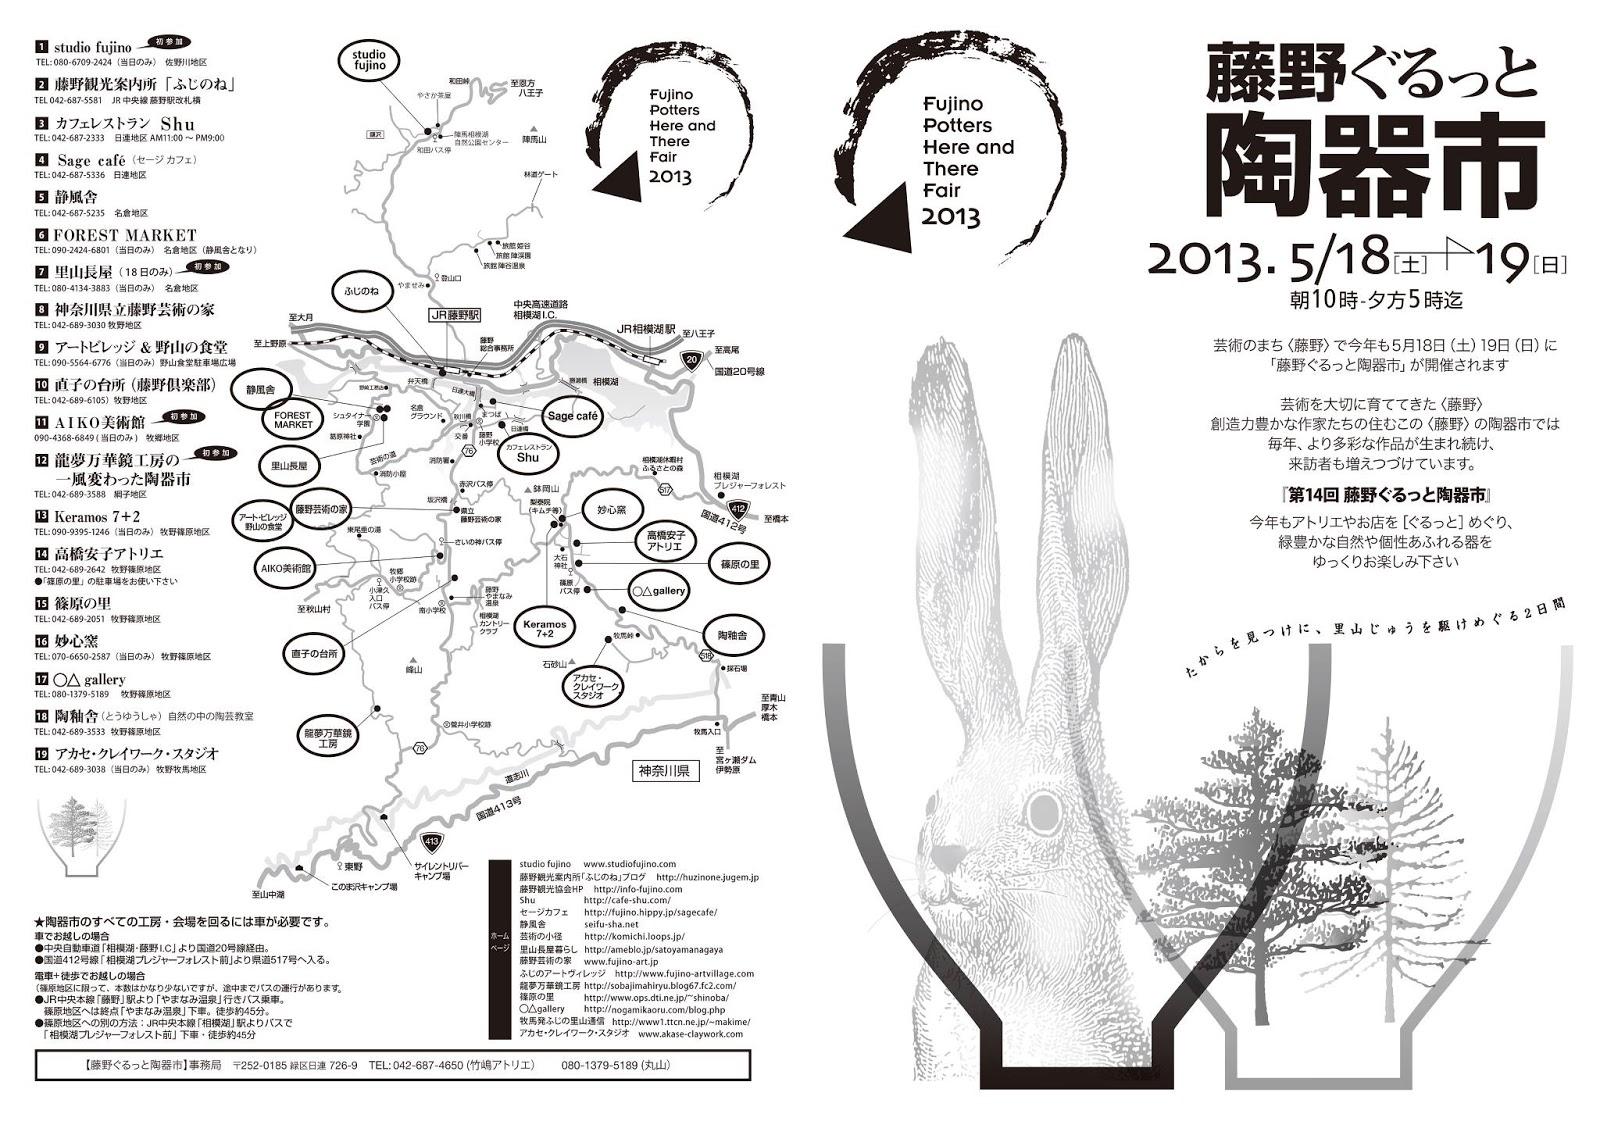 chumart-チュマルト: 第14回 藤野ぐるっと陶器市 2013年